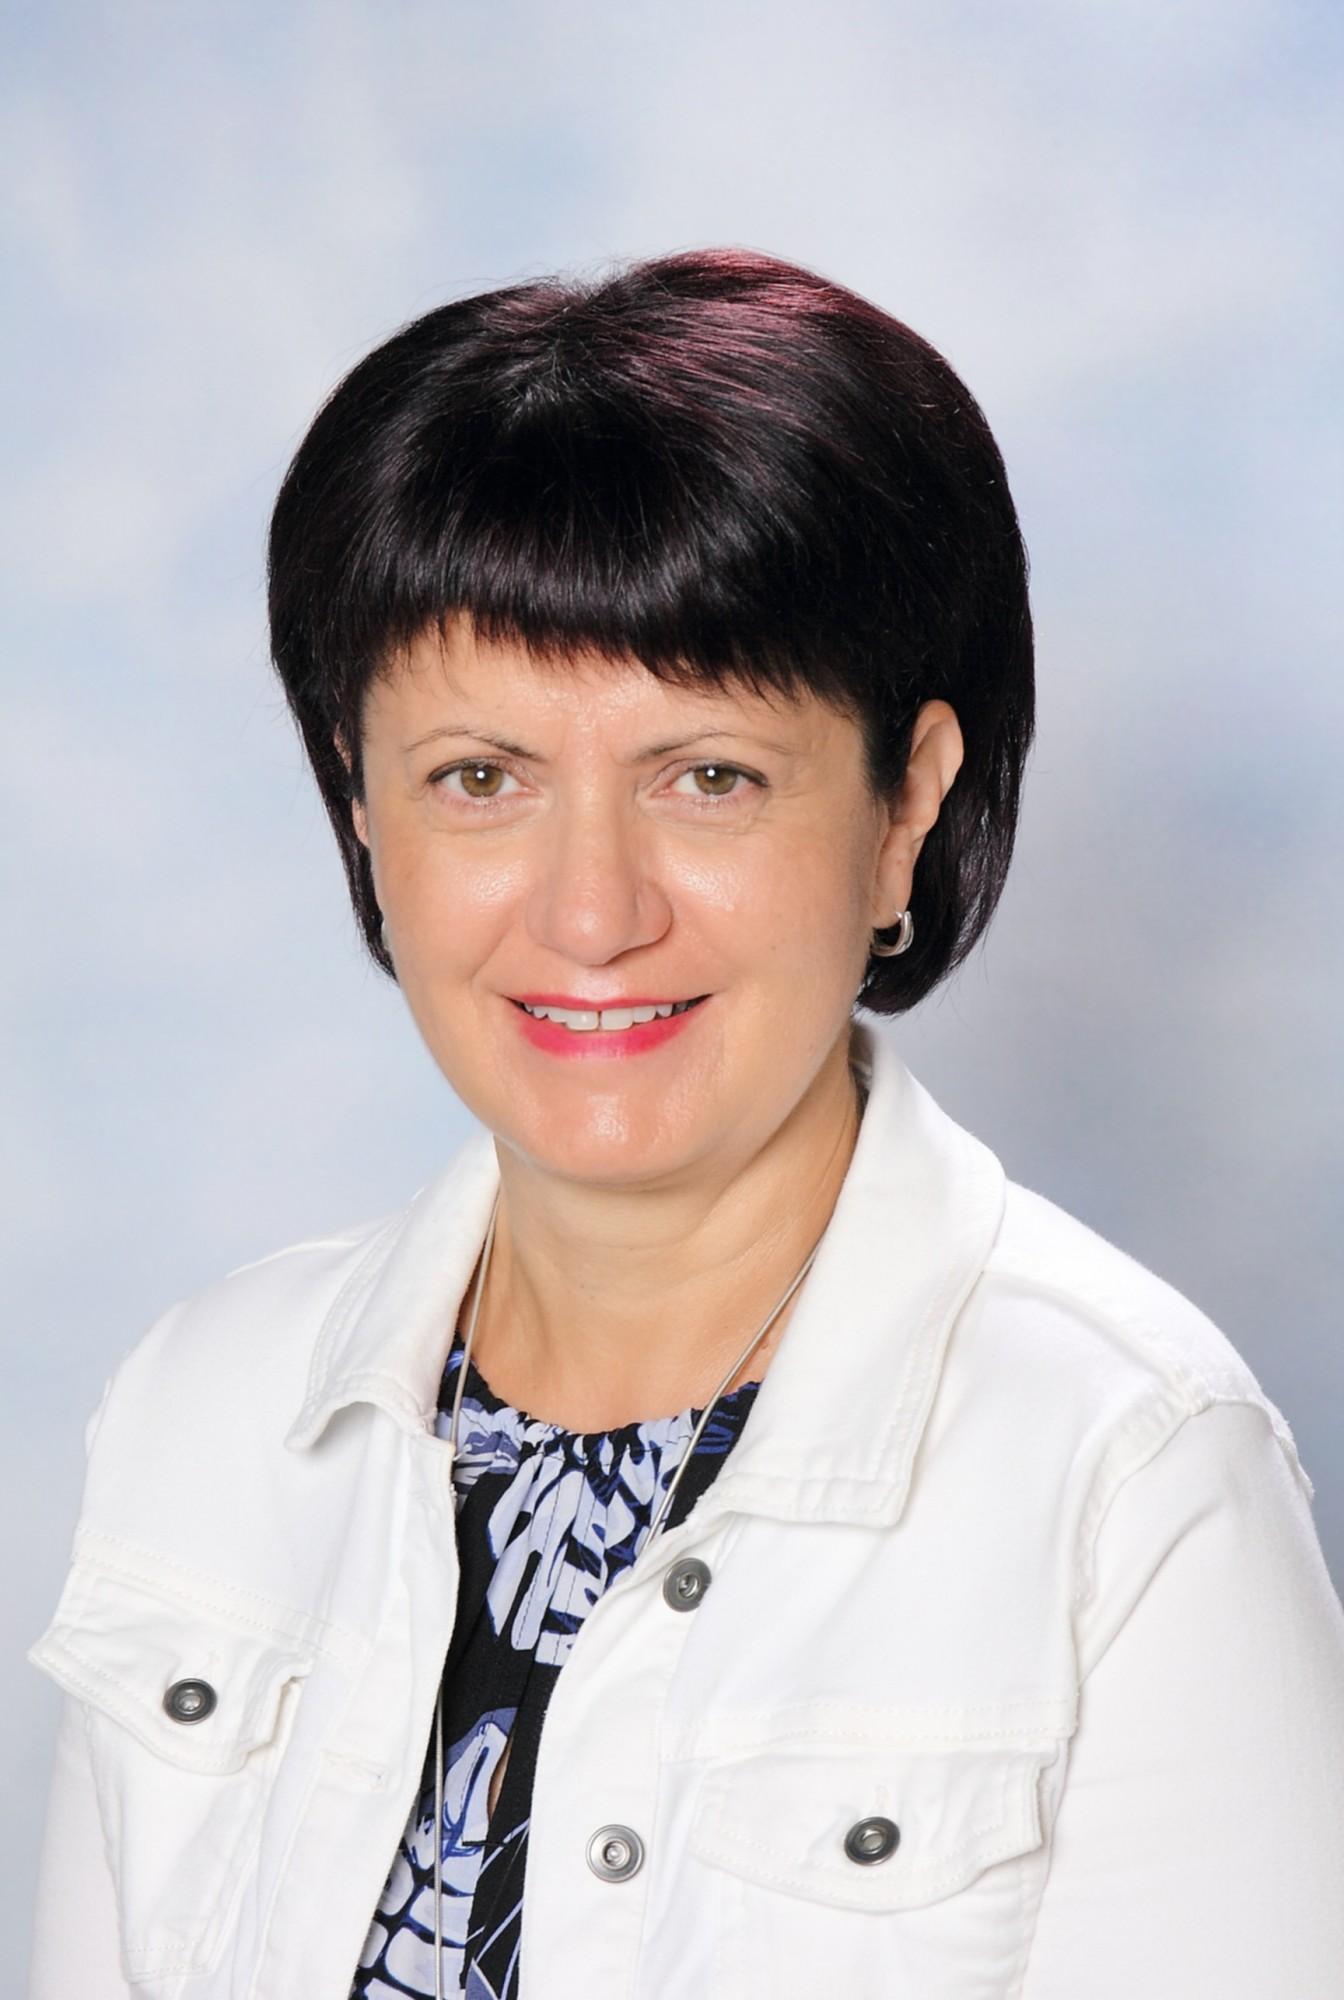 Andrea Lunzer